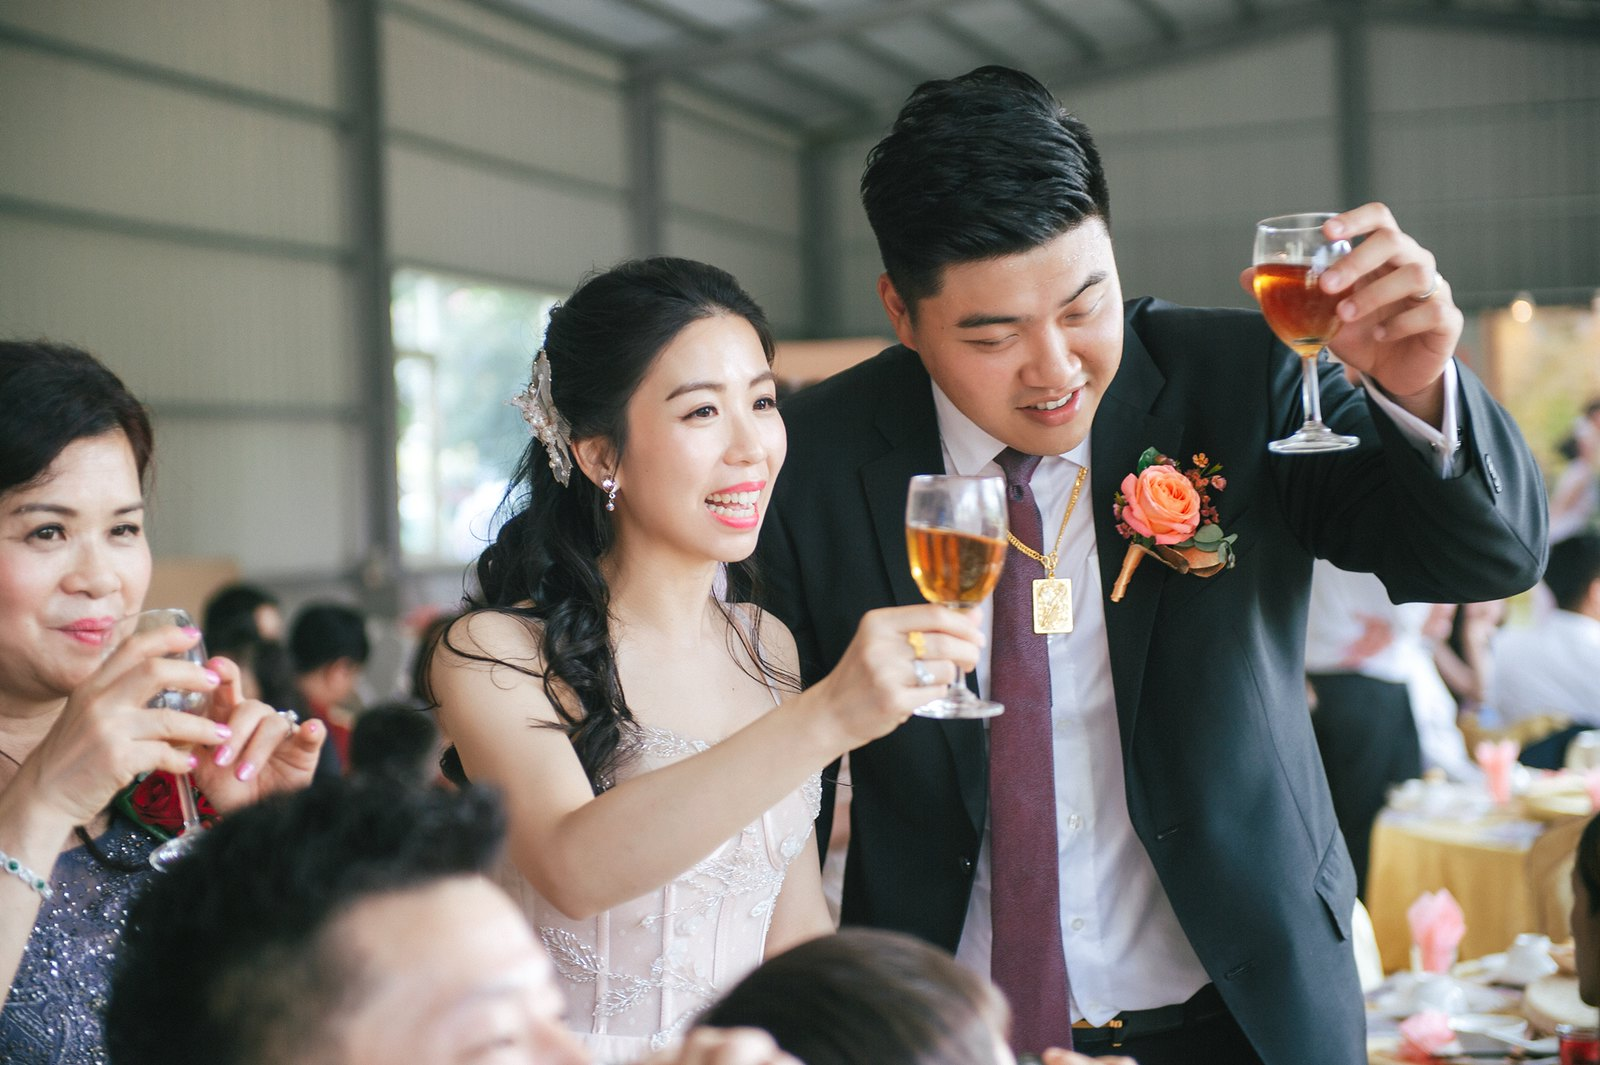 【婚攝】Denny & Persephone / 大溪笠復威斯汀 / 小橋流水餐廳